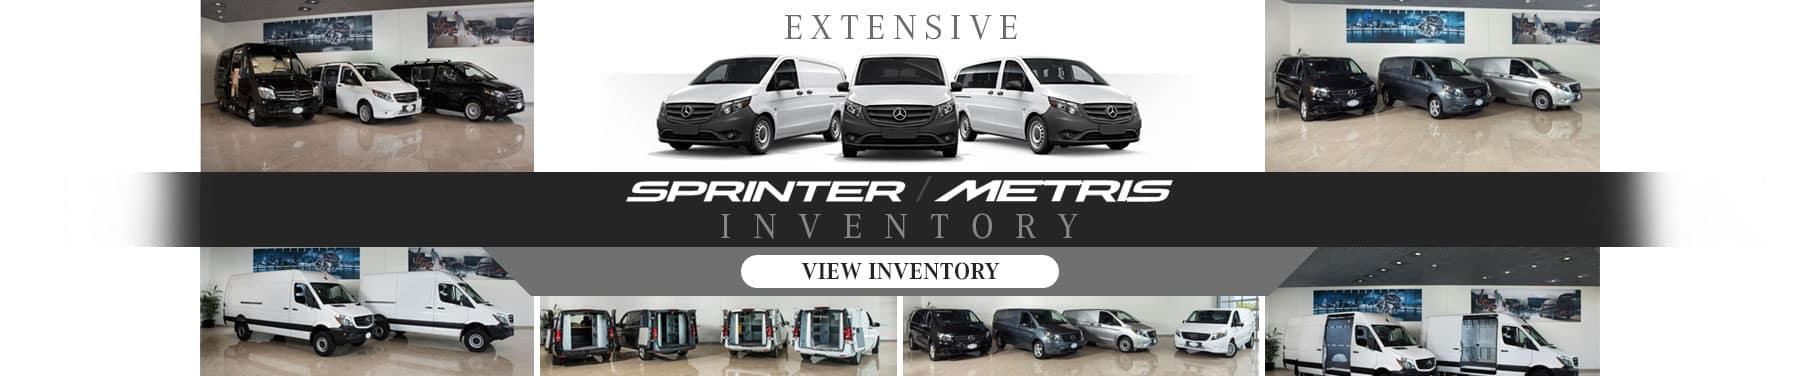 Sprinter Metris Inventory